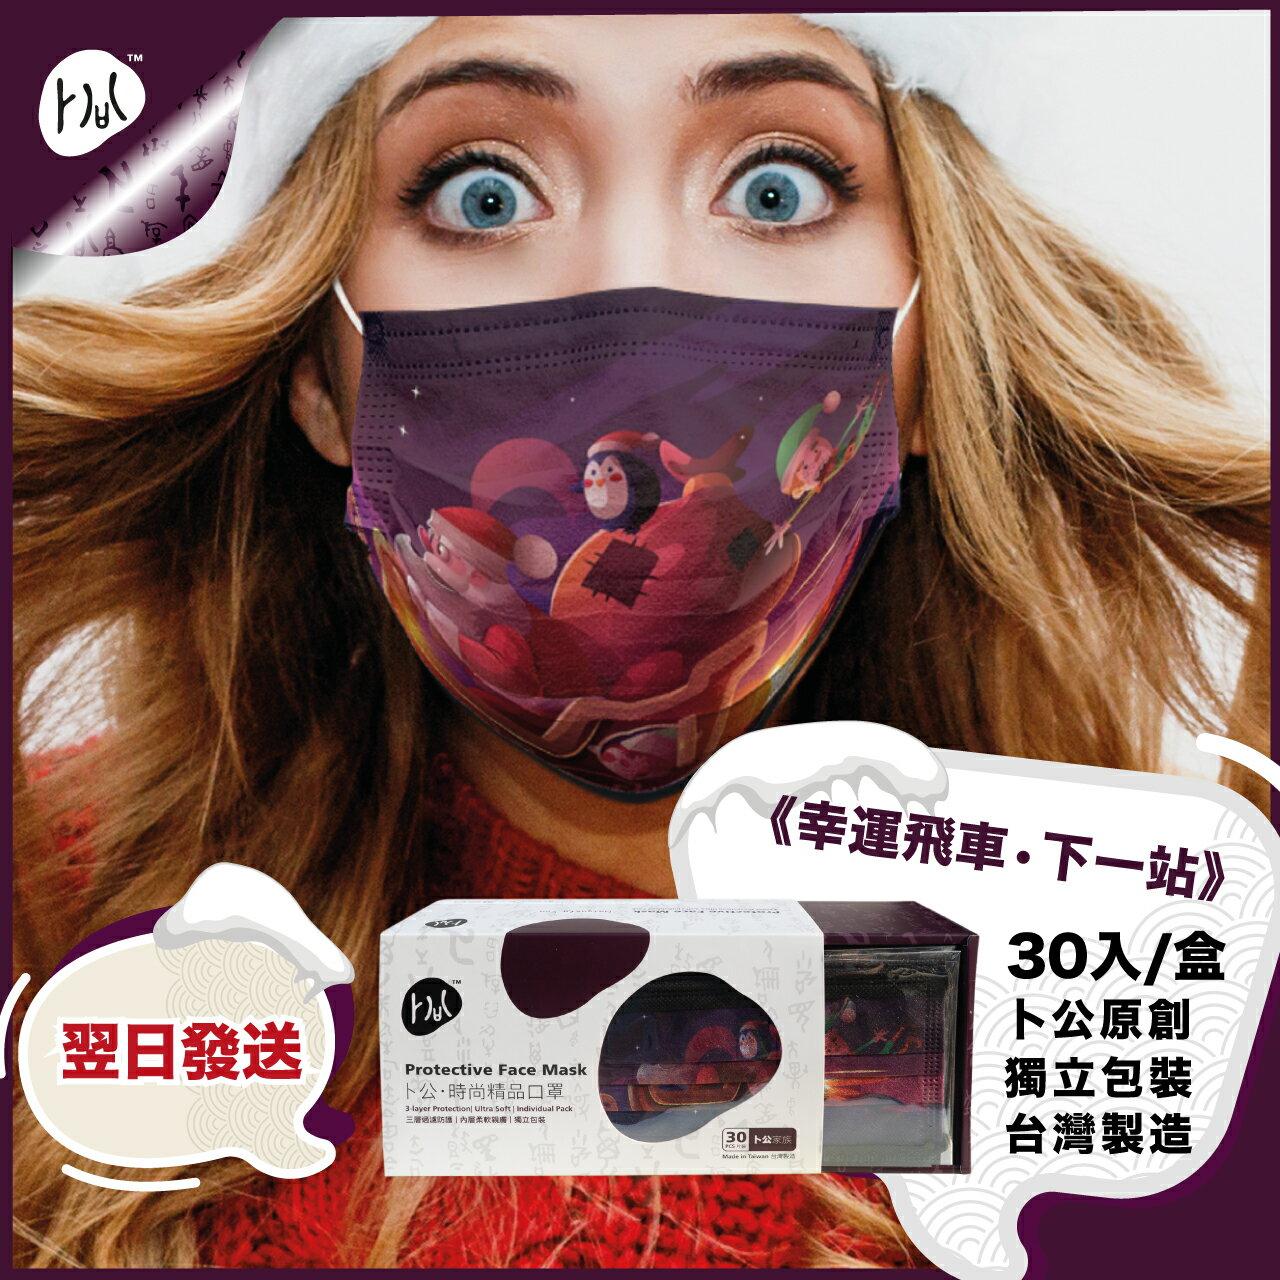 【卜公家族】《幸運飛車 • 下一站》時尚口罩 3層防護 30片/盒 禮盒裝~ 台灣製造